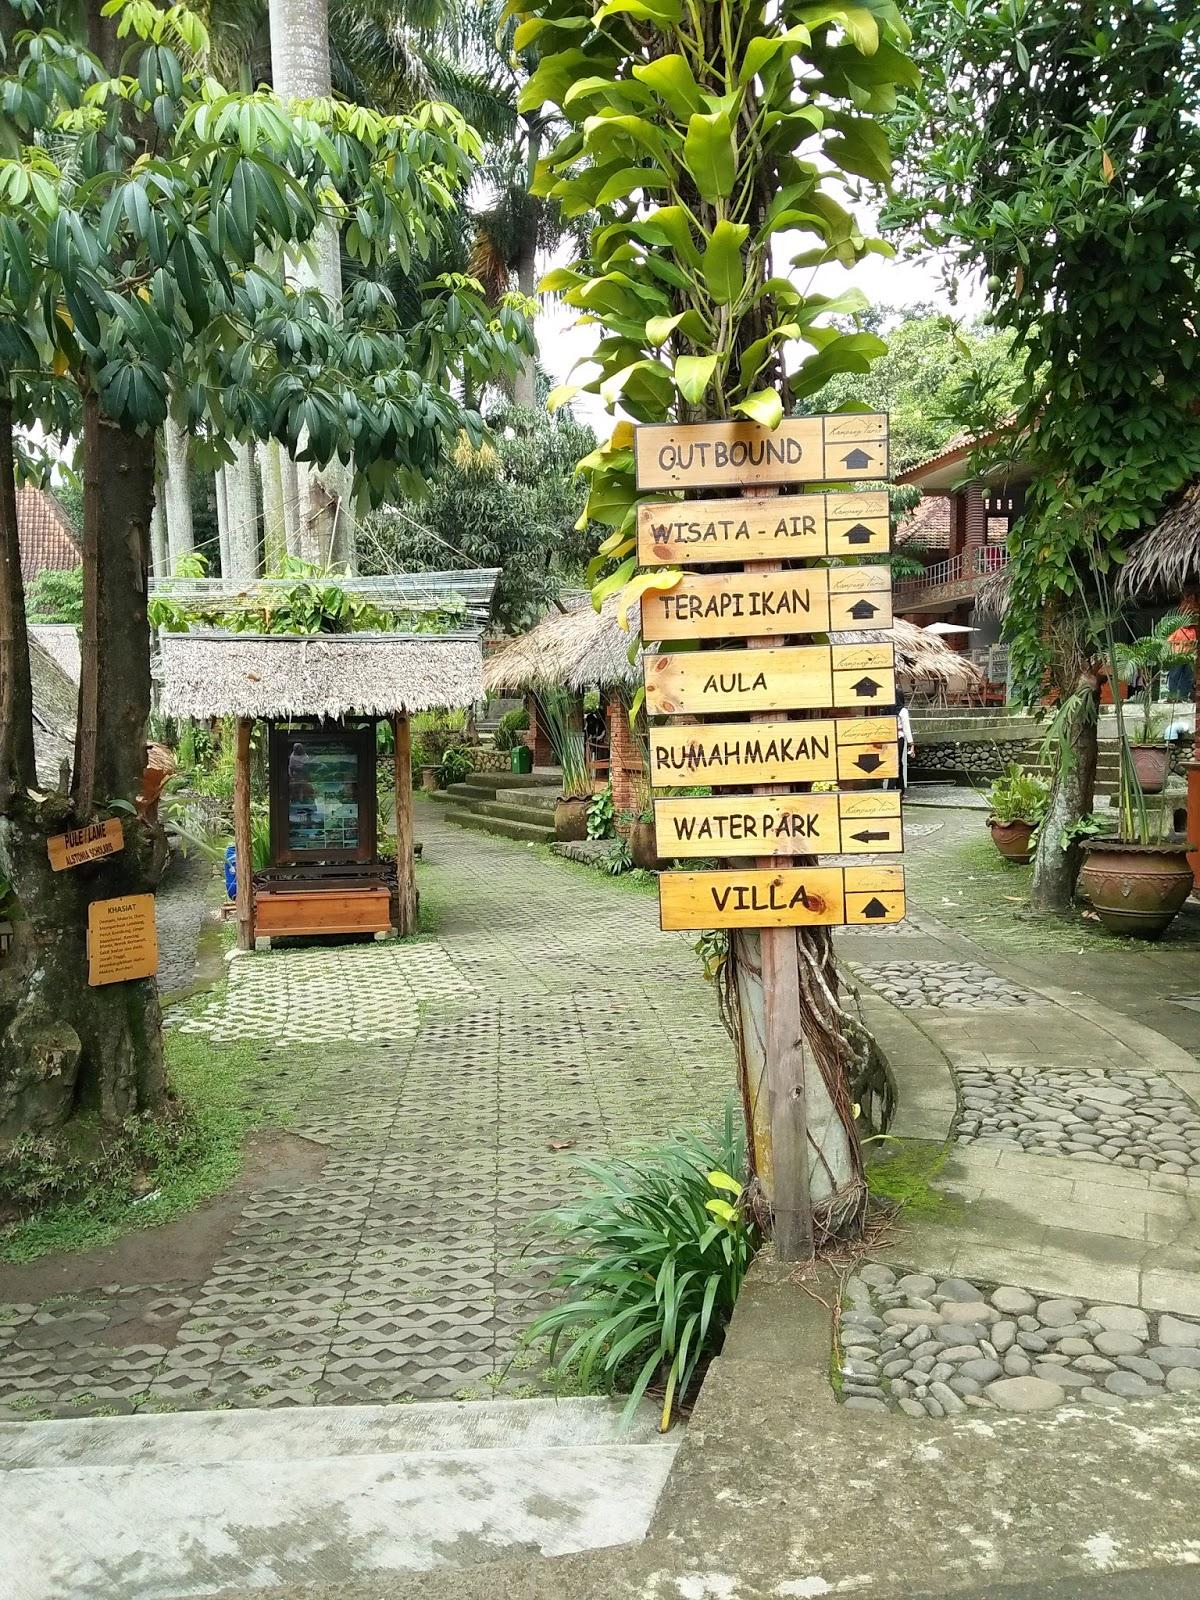 Kampung Turis Karawang : kampung, turis, karawang, WISATA, KAMPUNG, TURIS, KARAWANG, Lolipops, Daily, Amateur, Parents